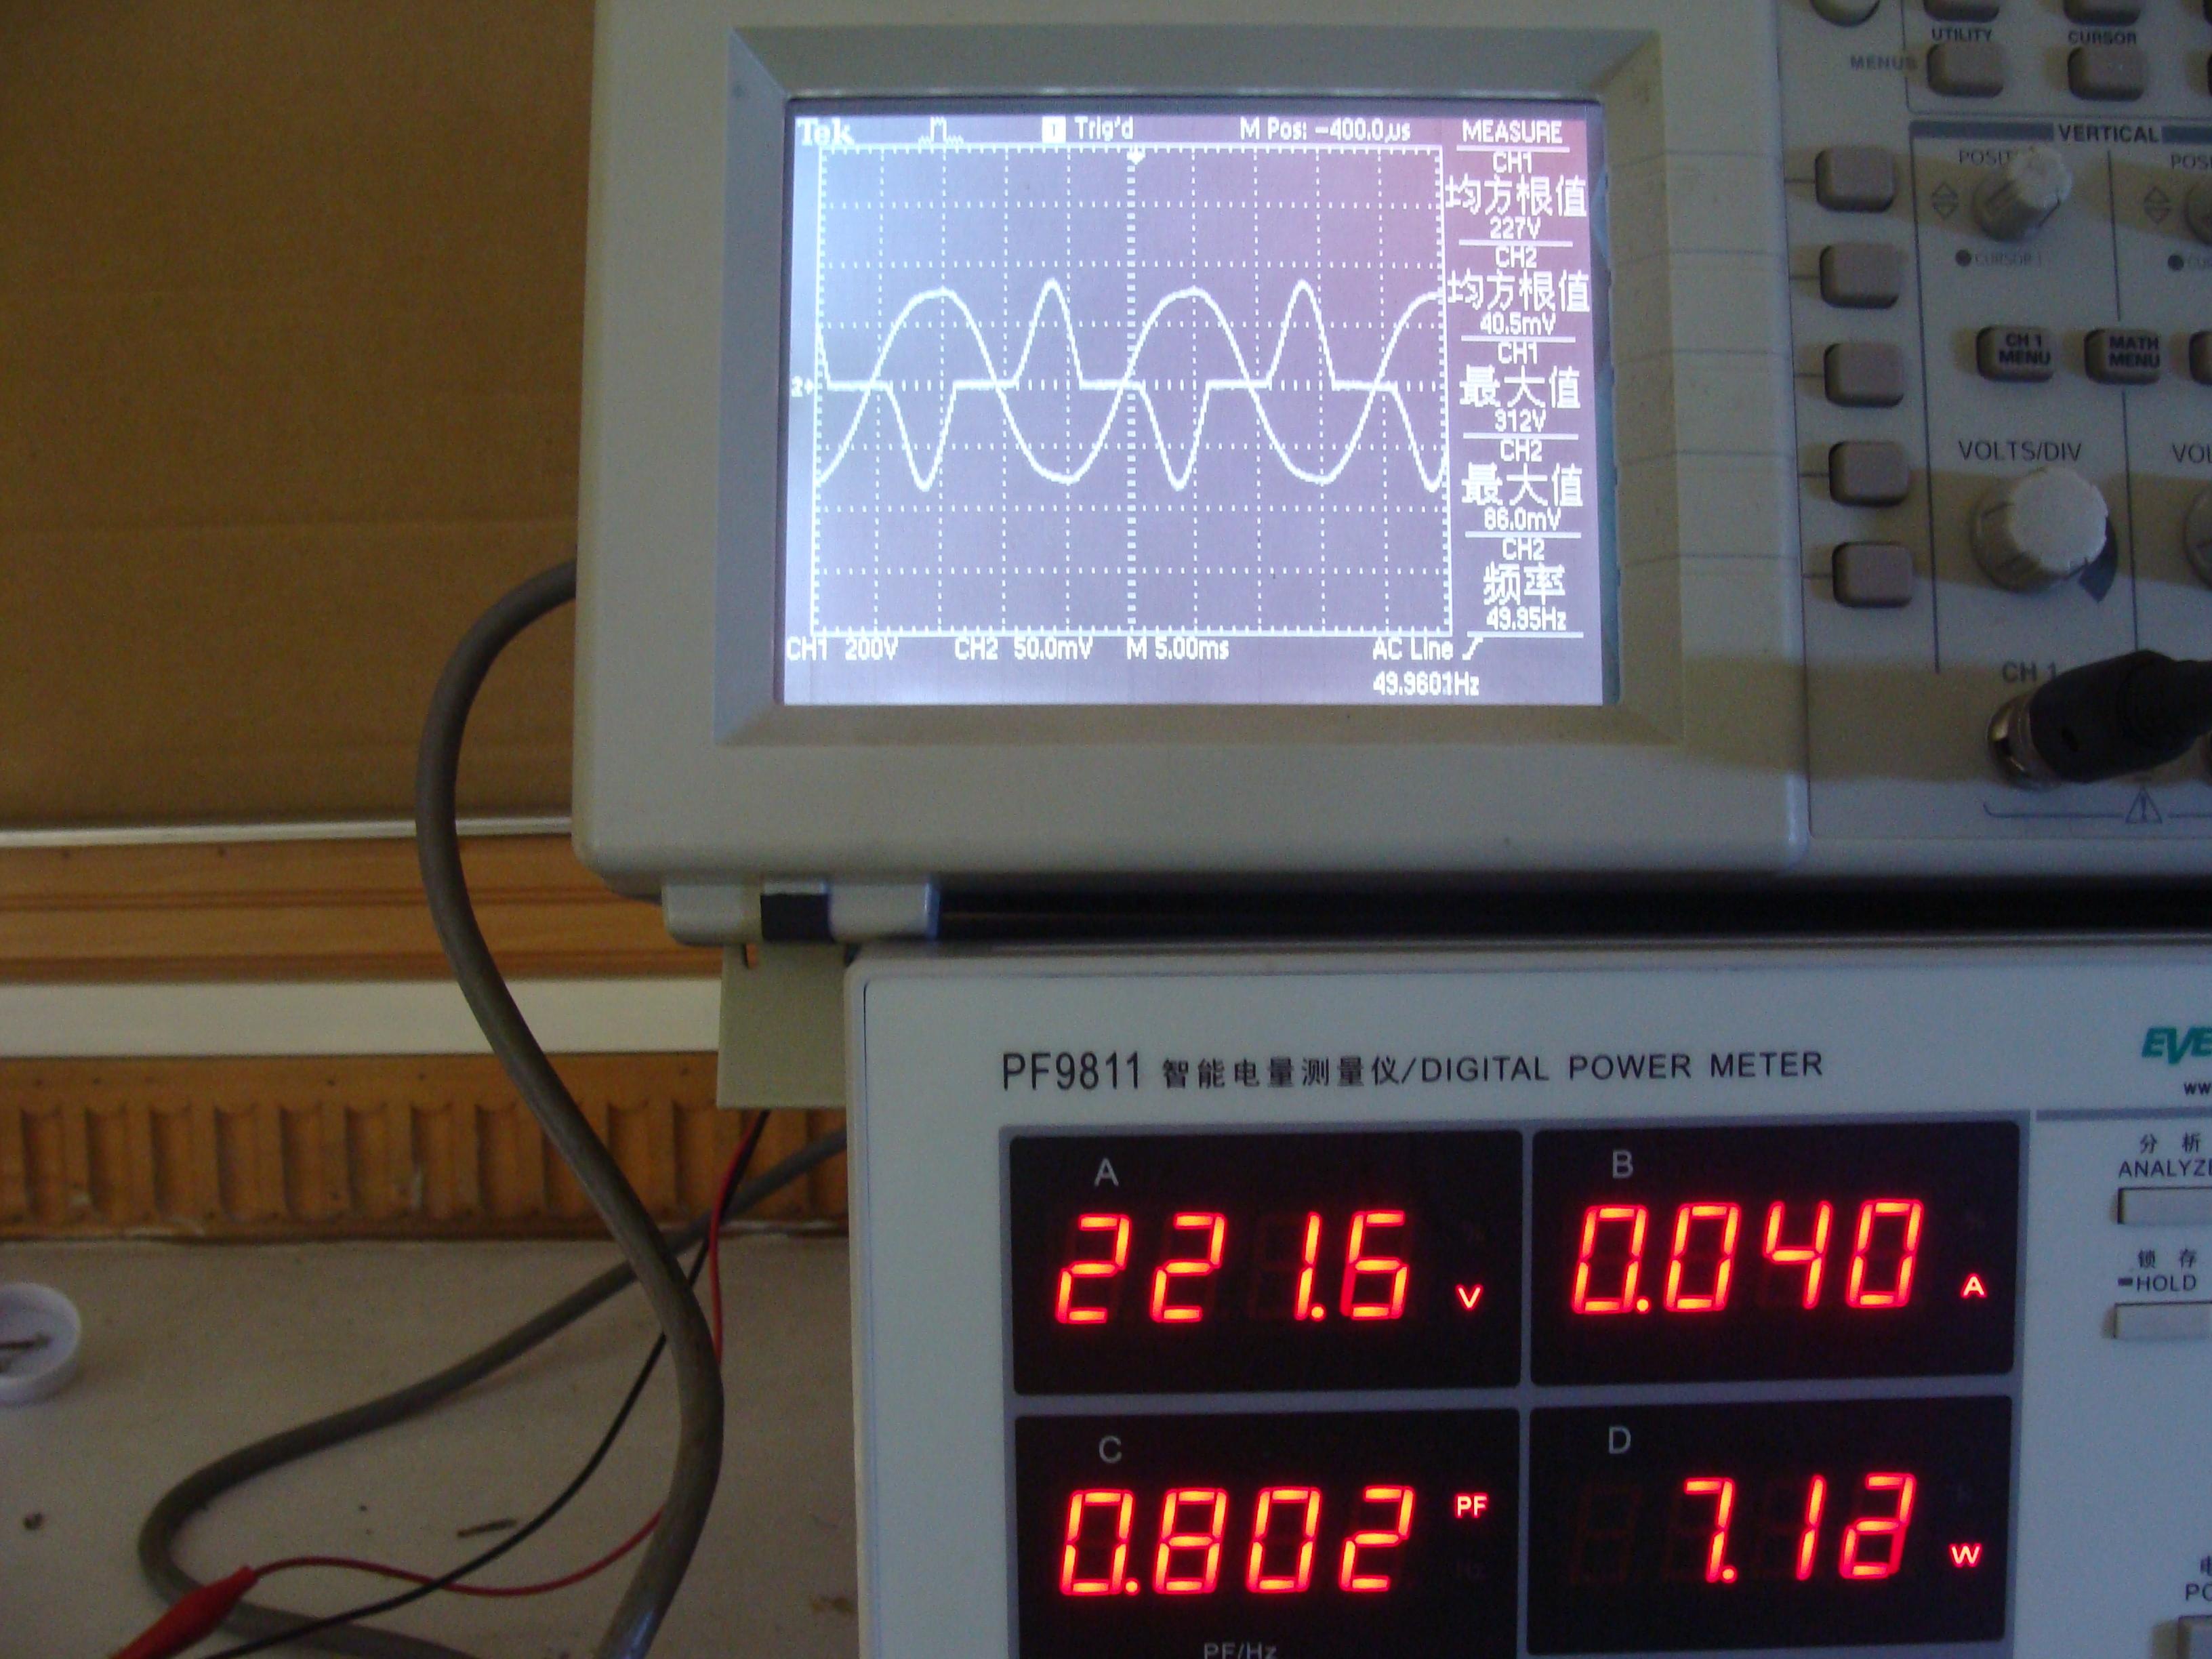 阻容降压日光灯接入电感镇流器后电流增大-电源网